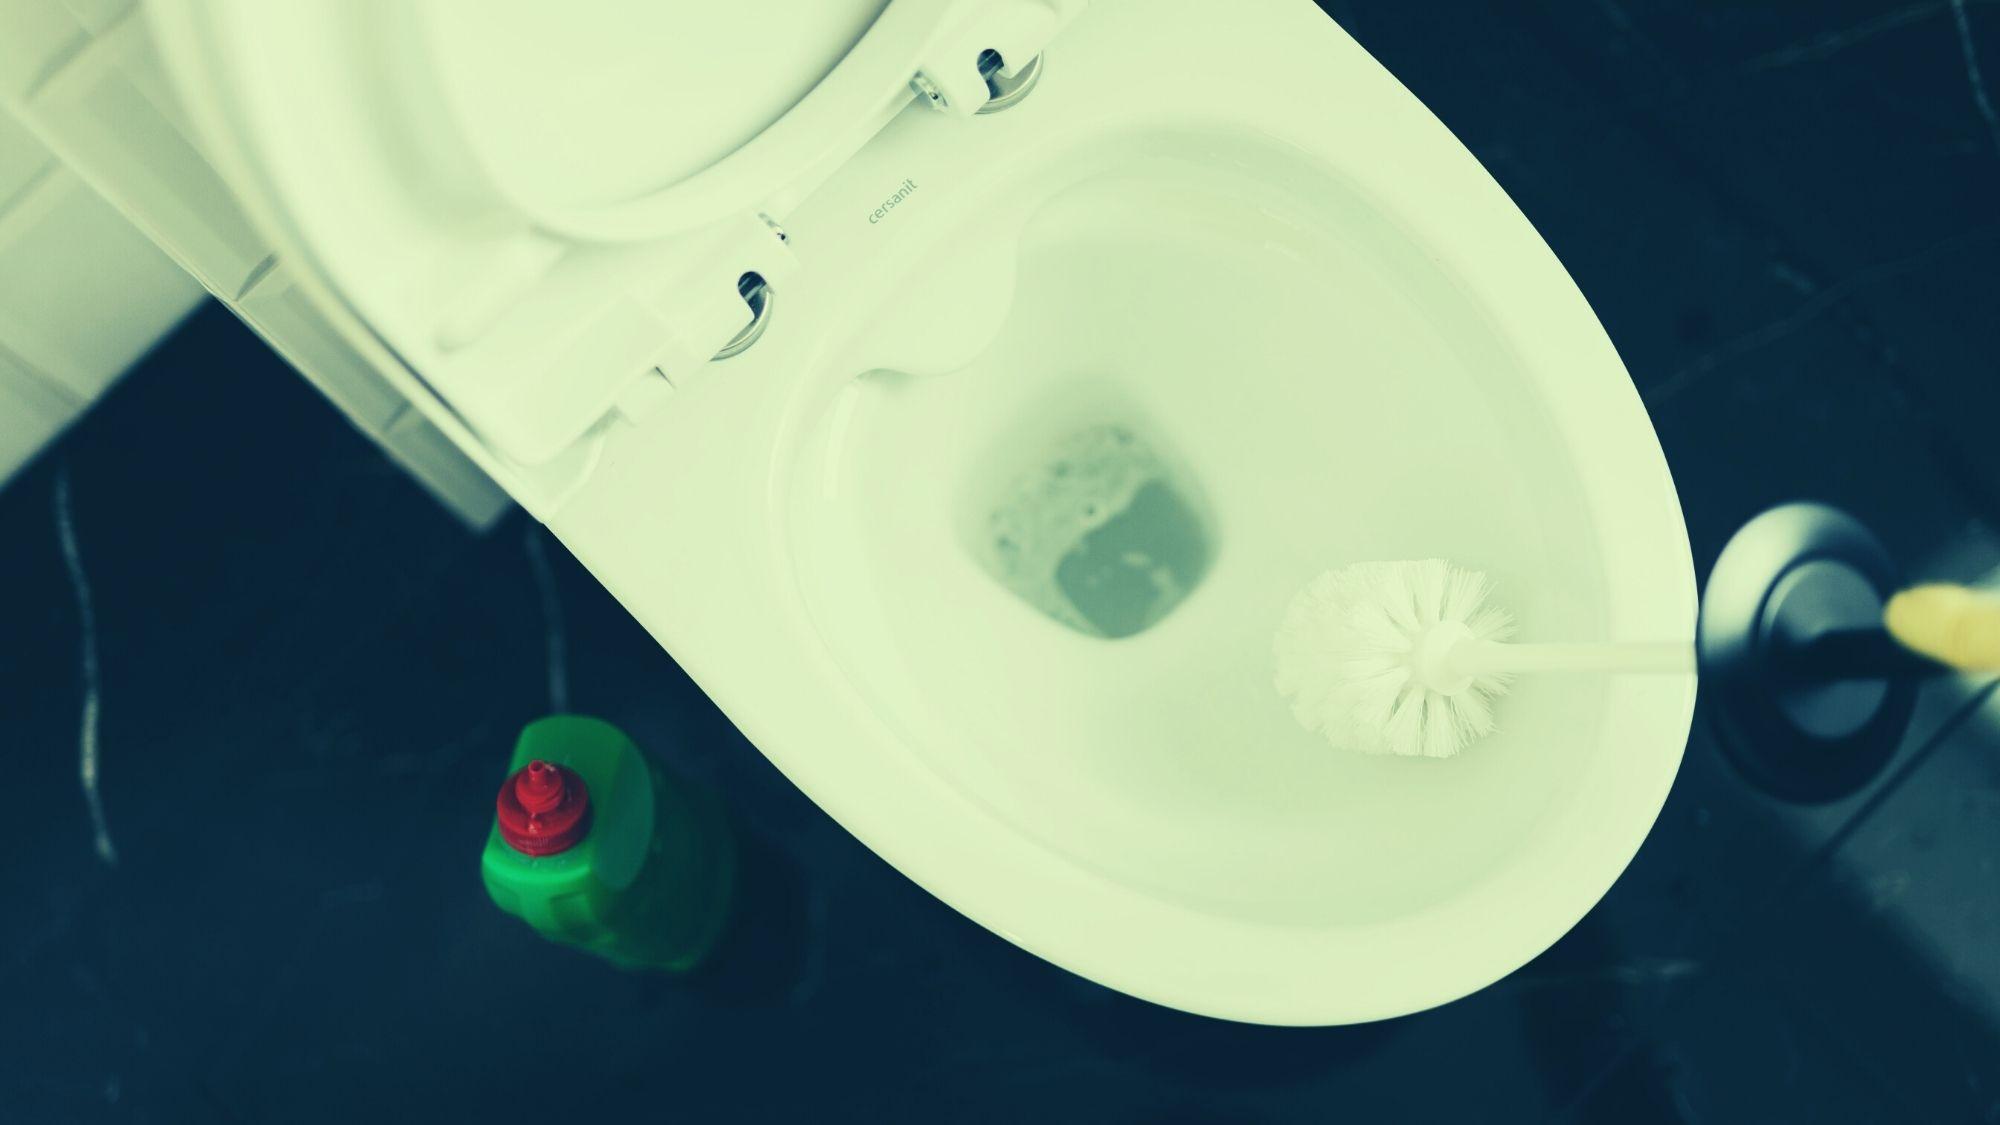 חדר שירותים – רכוש משותף חלקי